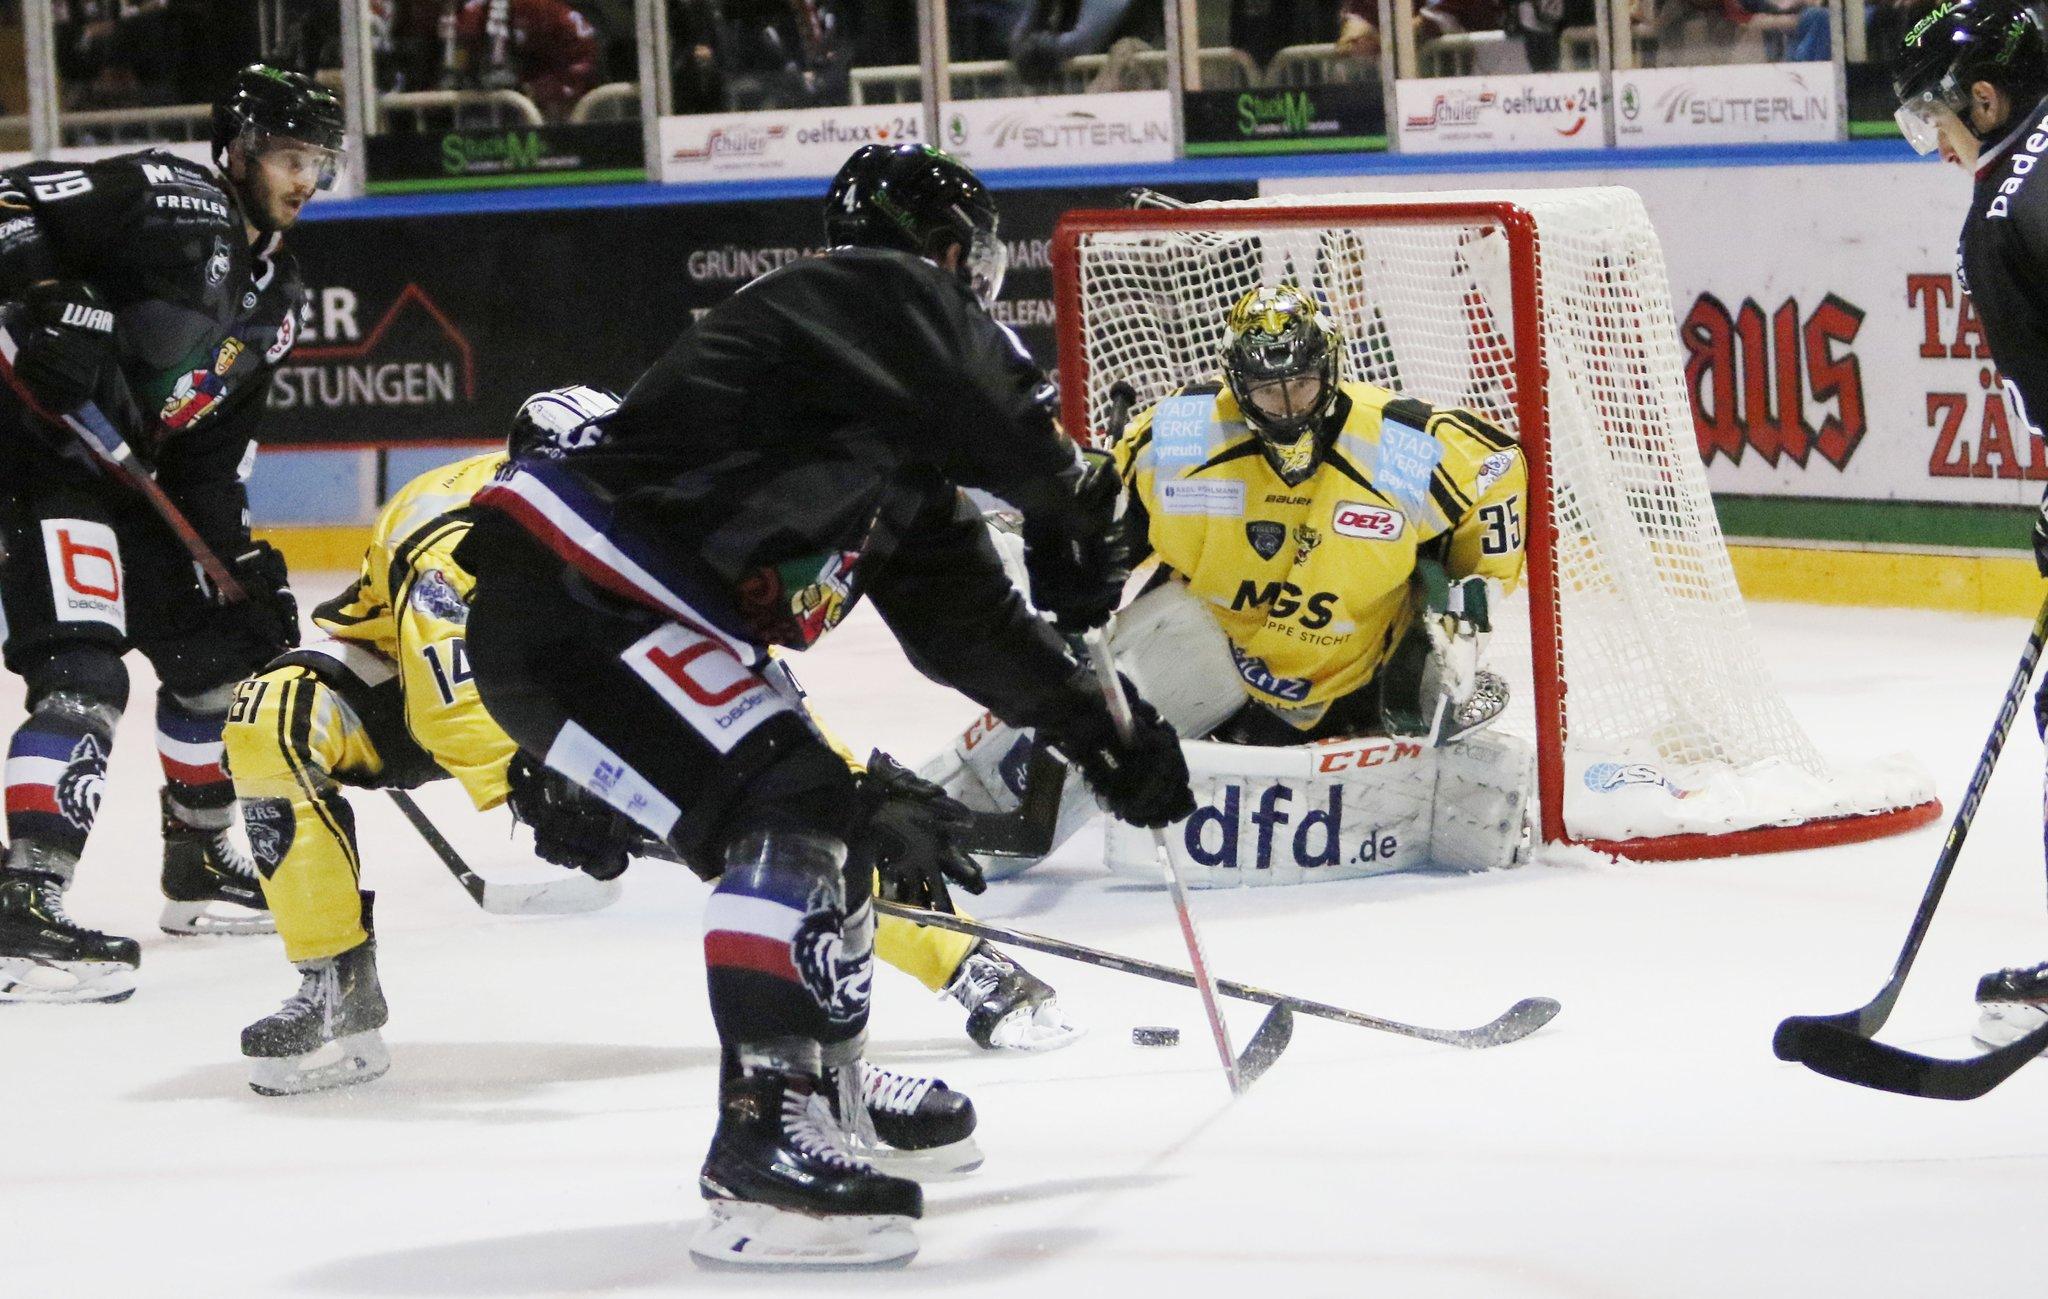 Eishockey Bayreuth